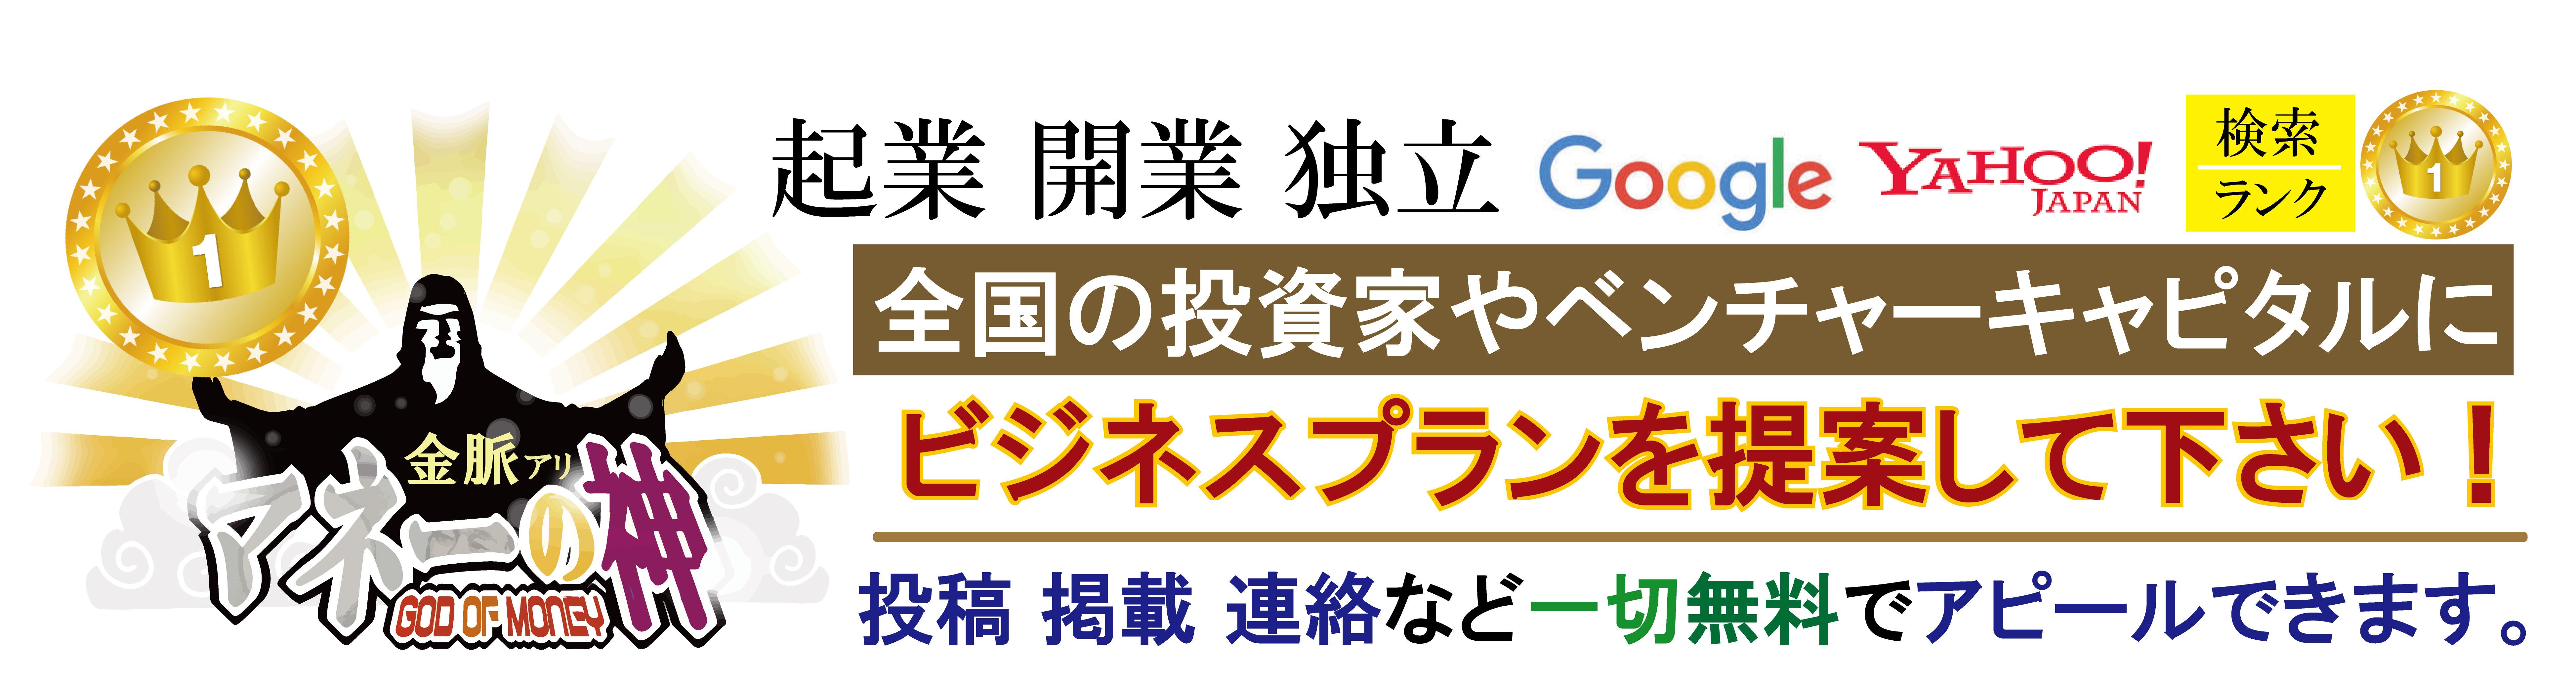 【事業支援】資金調達-独立・起業・開業・営業・宣伝・広告・広報・PR-無料で利用できるサービスサイト「マネーの神」